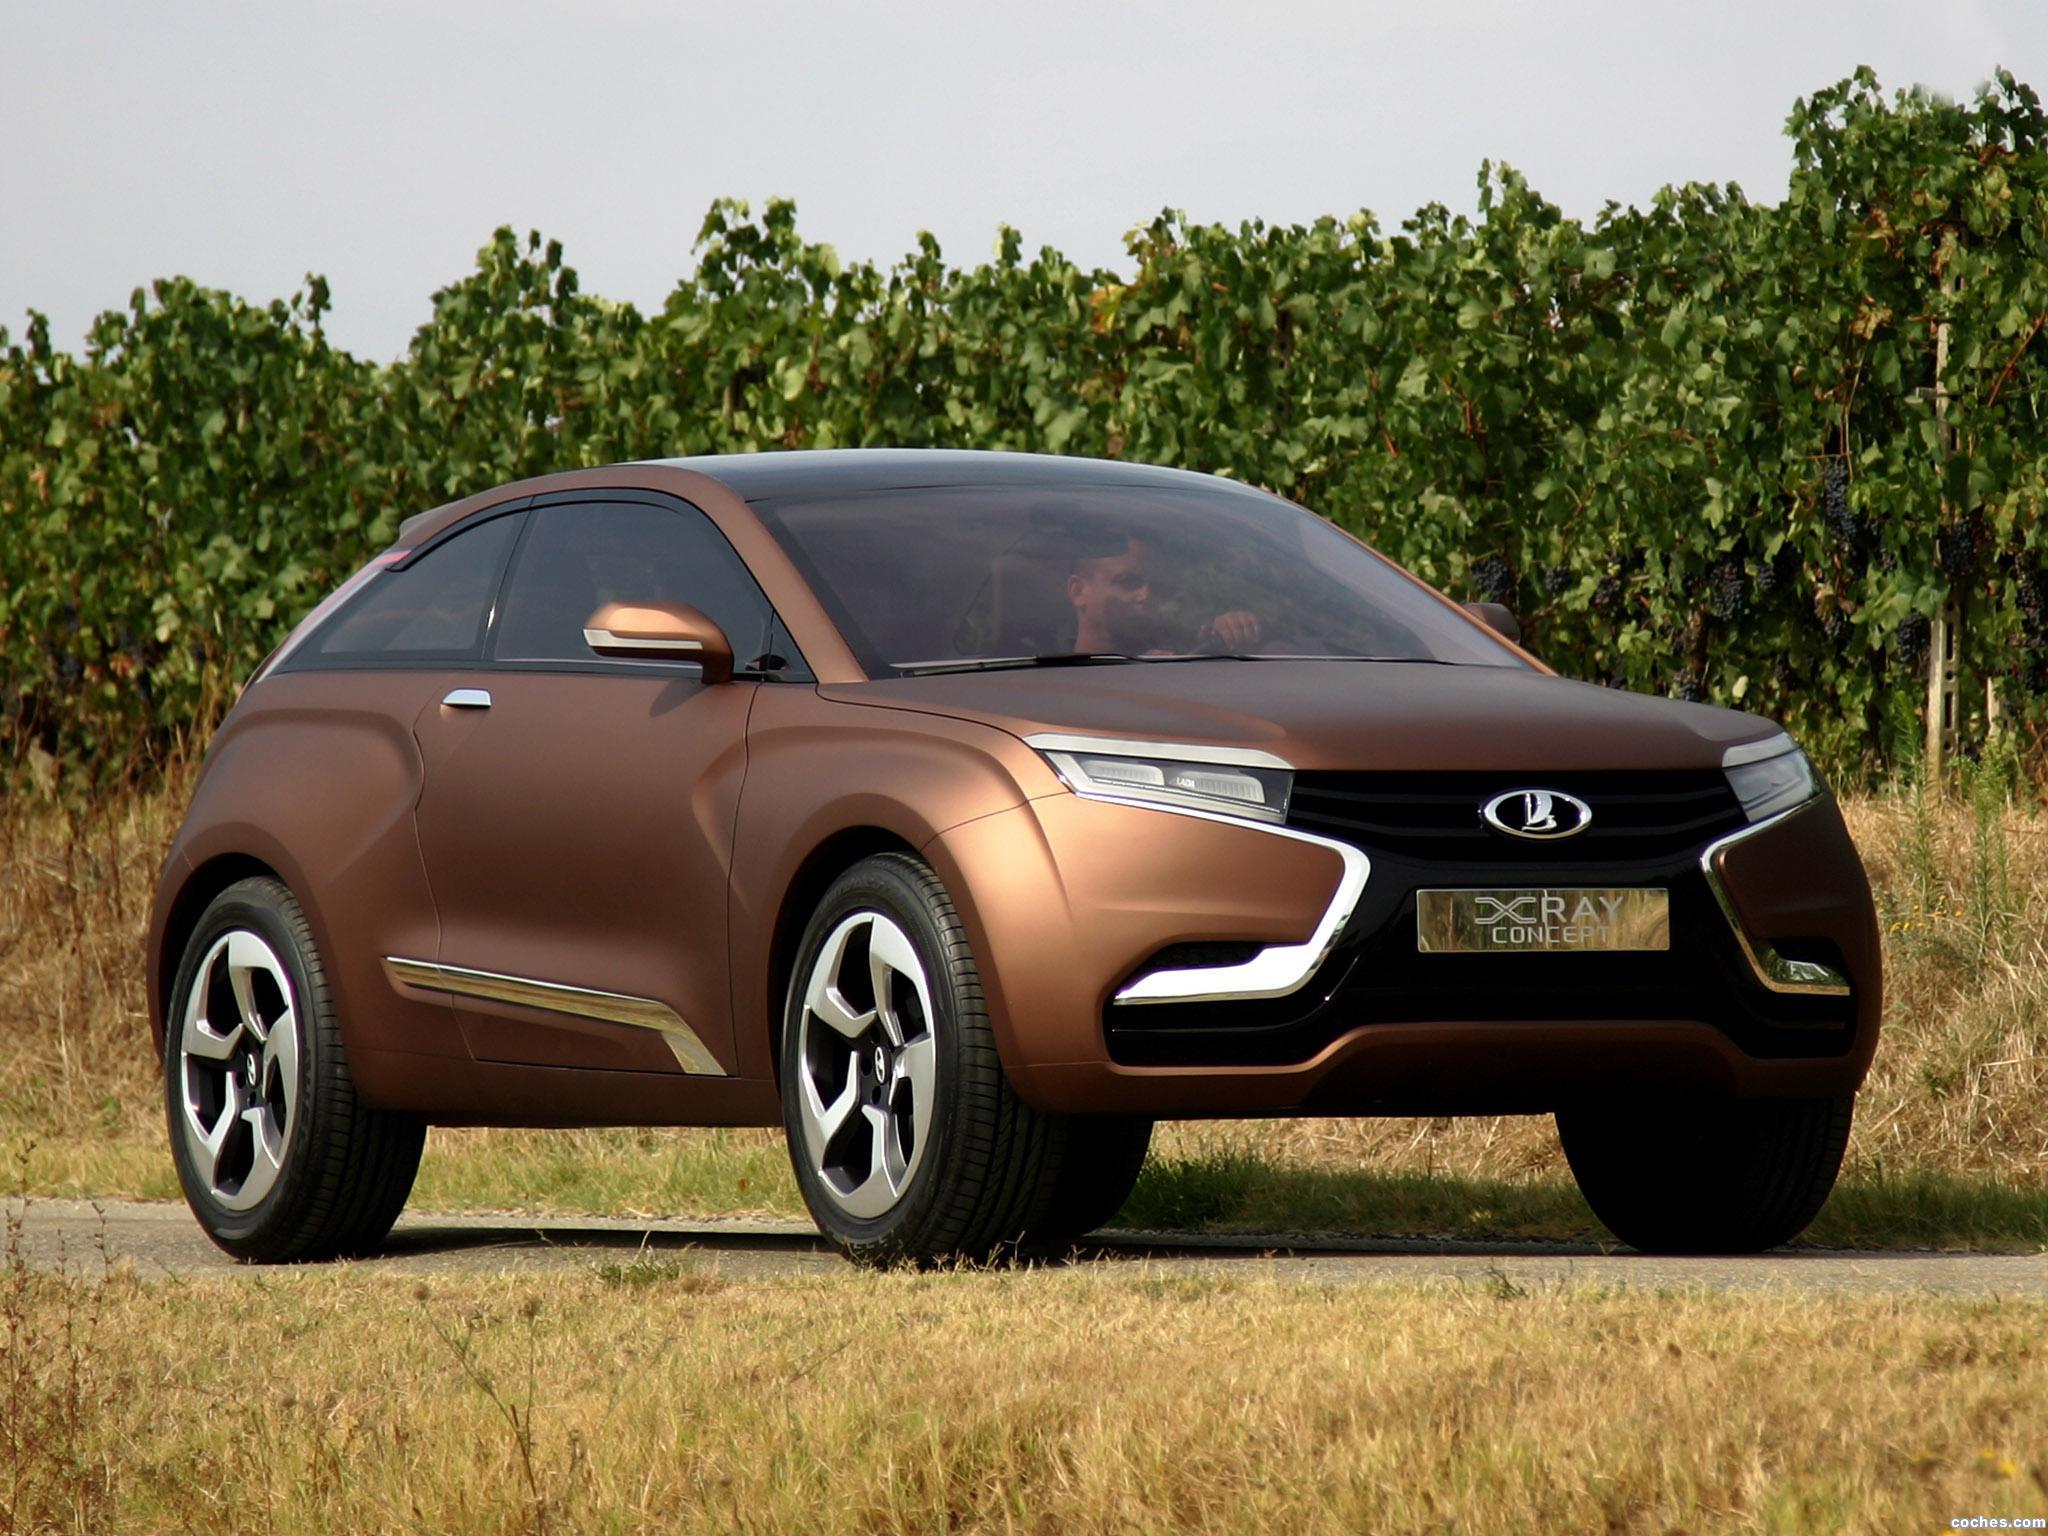 Foto 0 de Lada XRAY Concept 2012